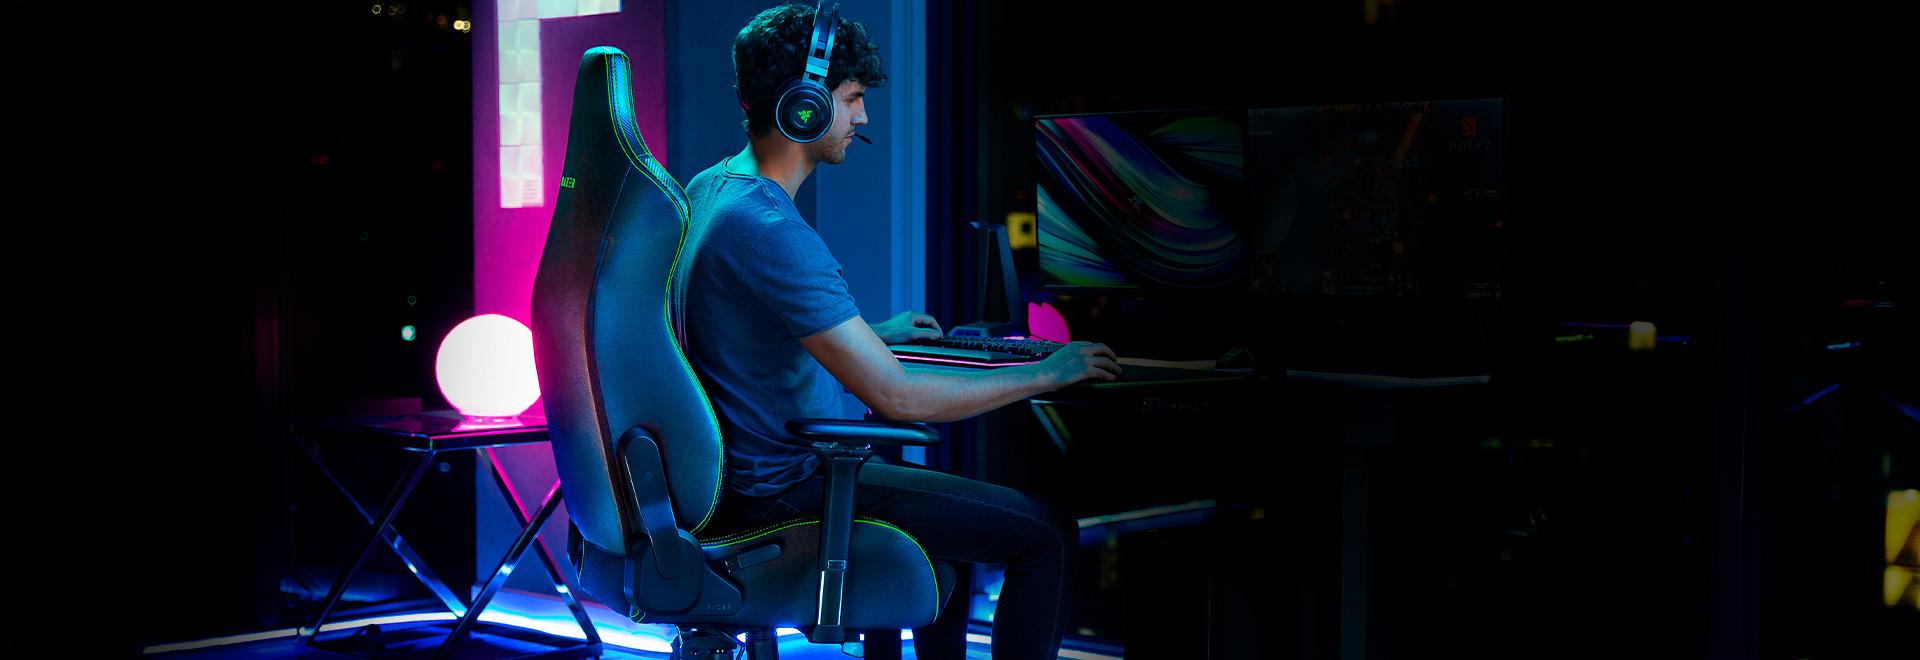 Ghế game Razer Iskur Gaming Chair w/ Lumbar Support  trang bị lớp đệm ngồi mật độ cao